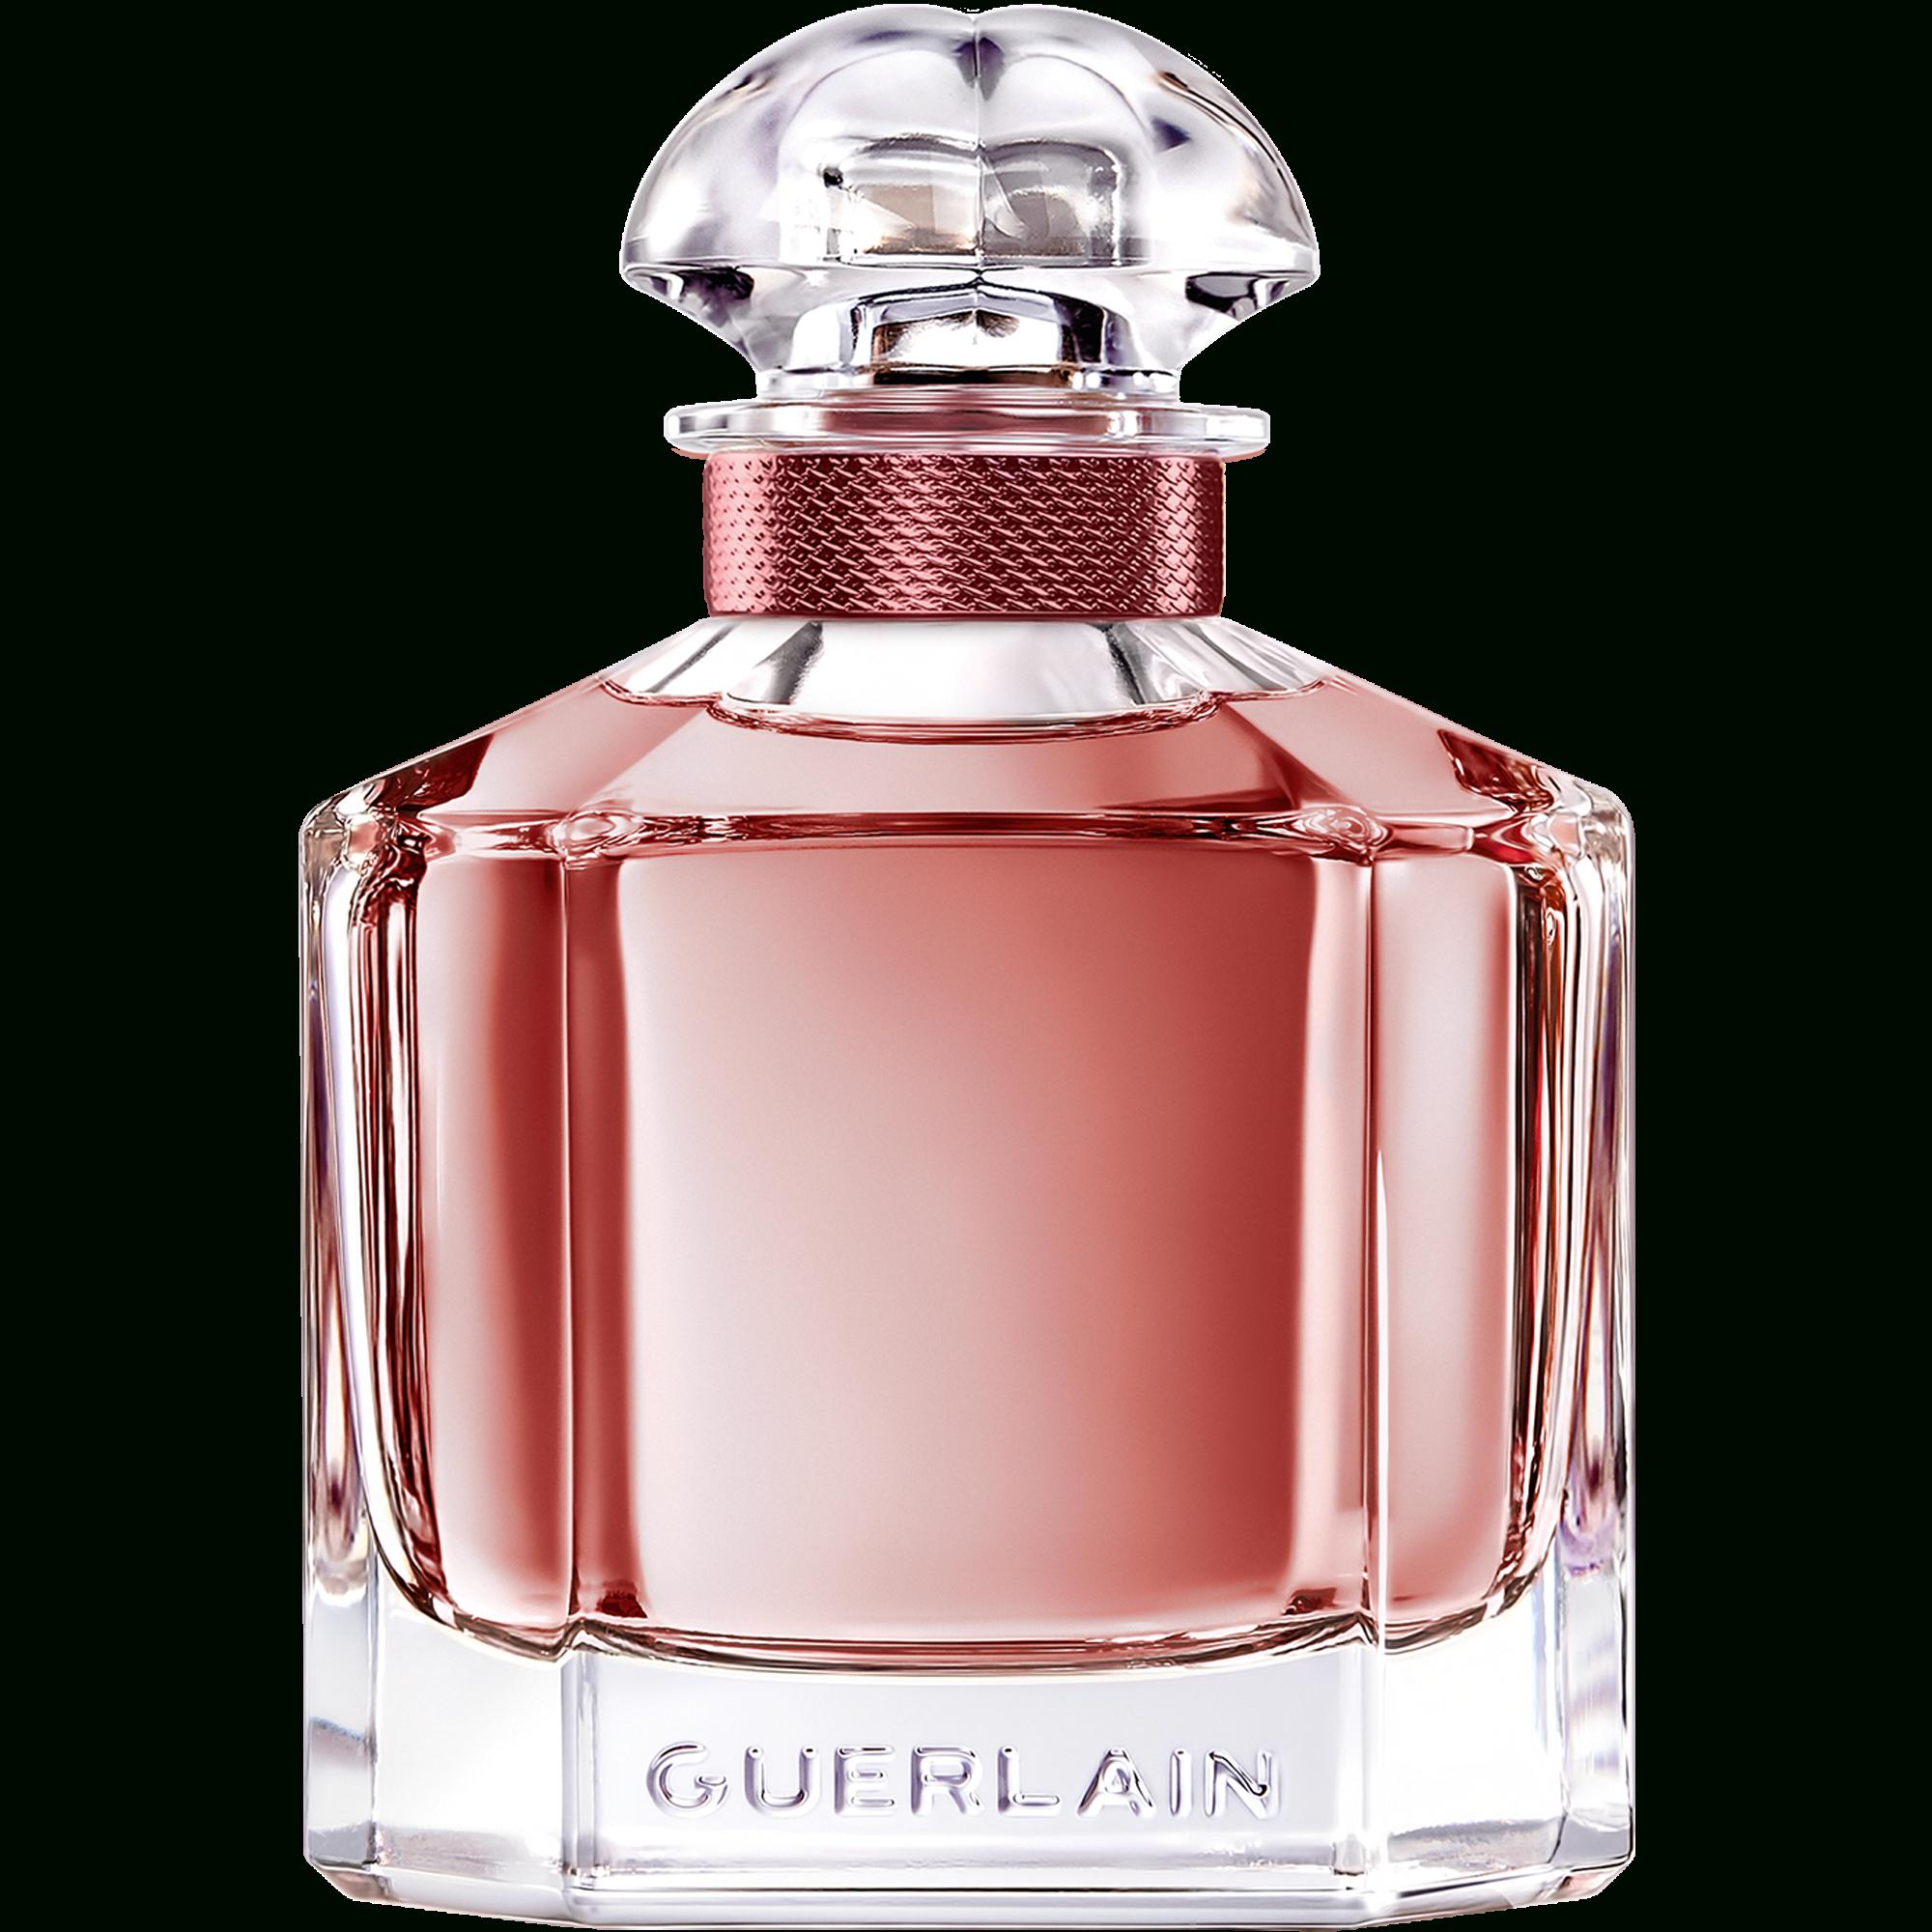 Mon Guerlain - Guerlain intérieur Jardin De Bagatelle Guerlain